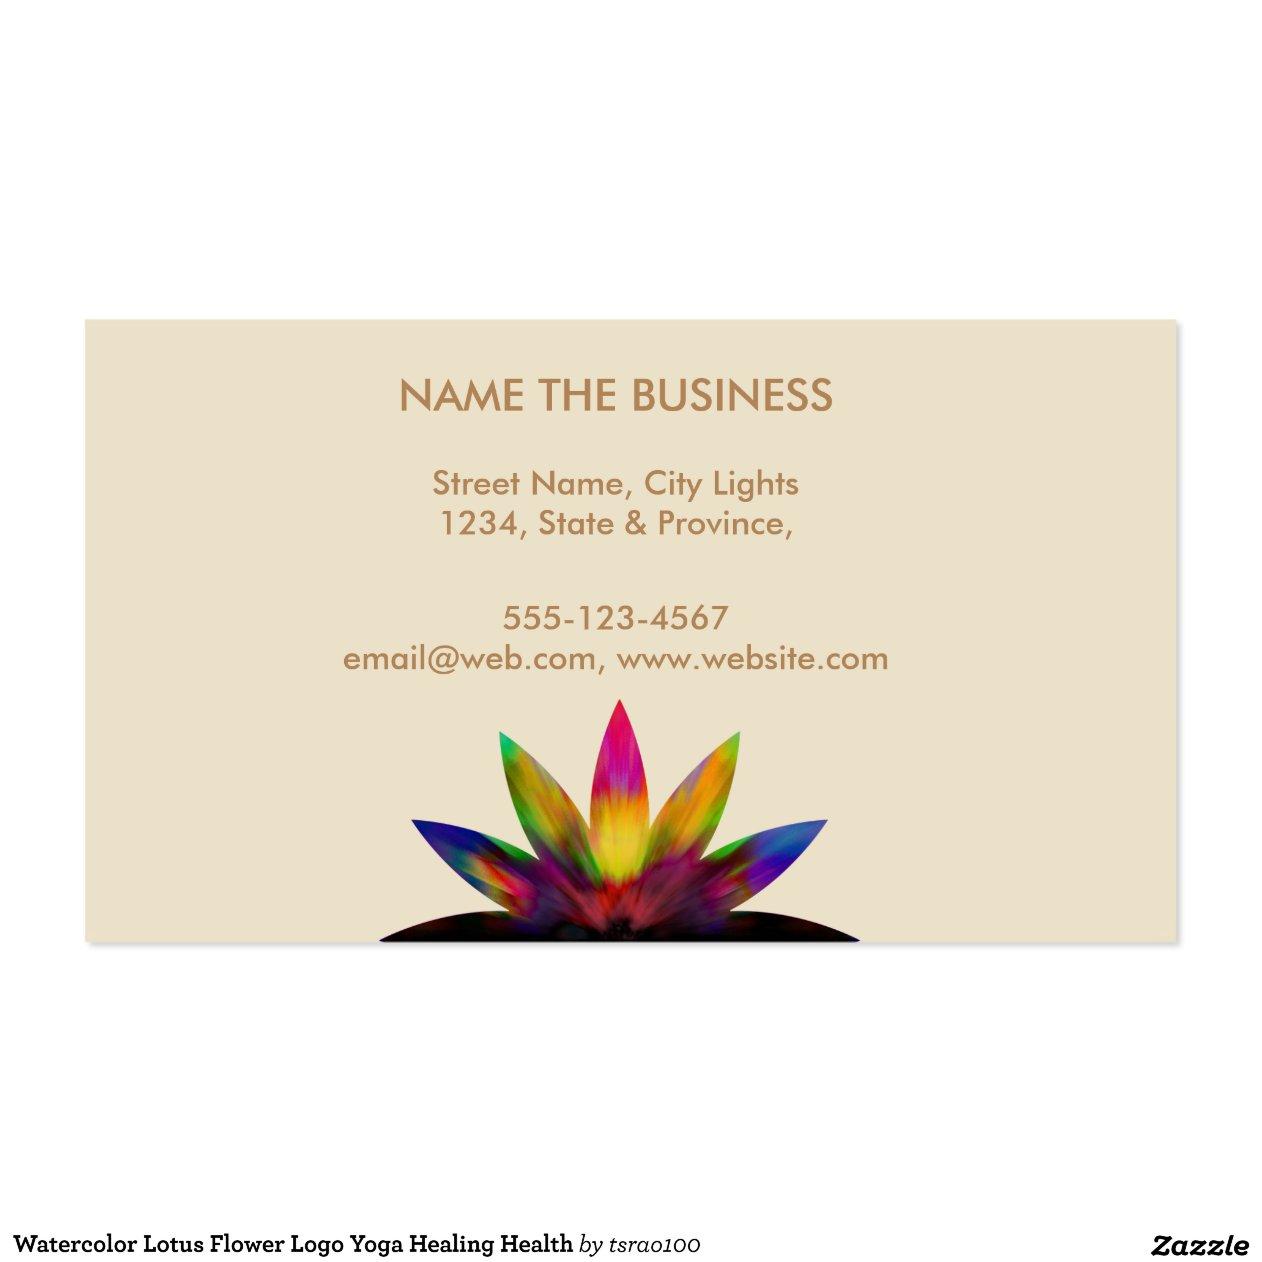 Lotus flower logo 2018 images pictures lotus logo stock vector watercolor lotus flower logo lotus flower logo izmirmasajfo